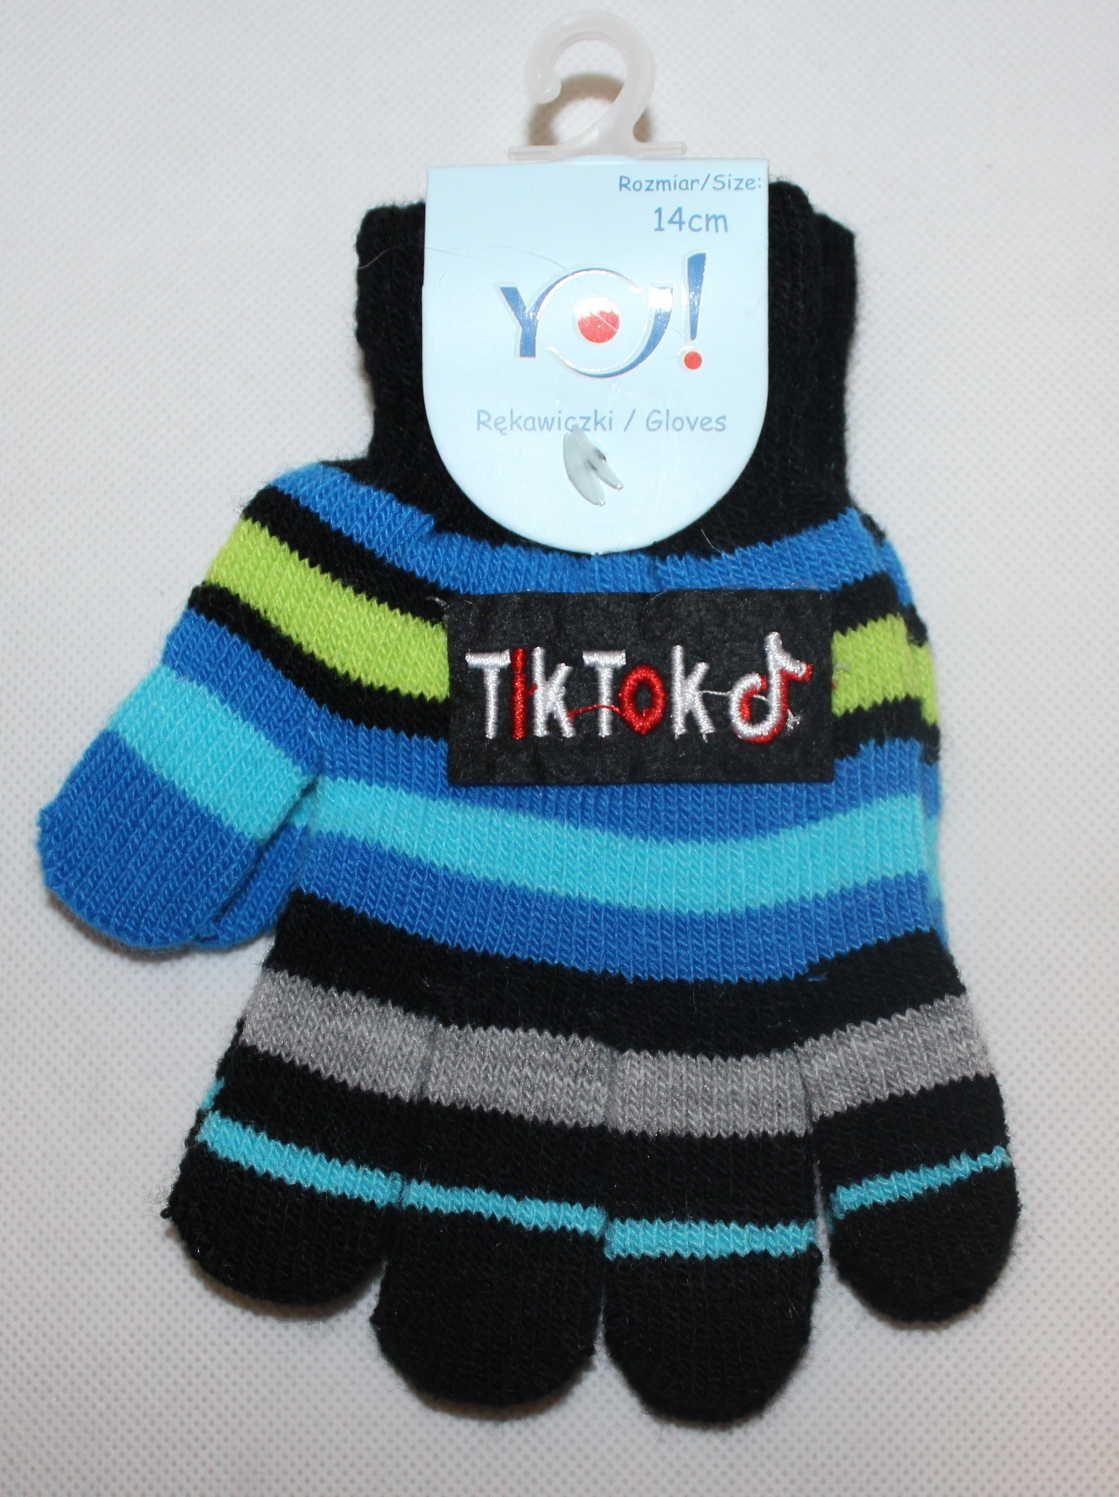 TIK TOK dětské prstové rukavice, TIK TOK úpletové rukavice, chlapecké tik tok rukavice